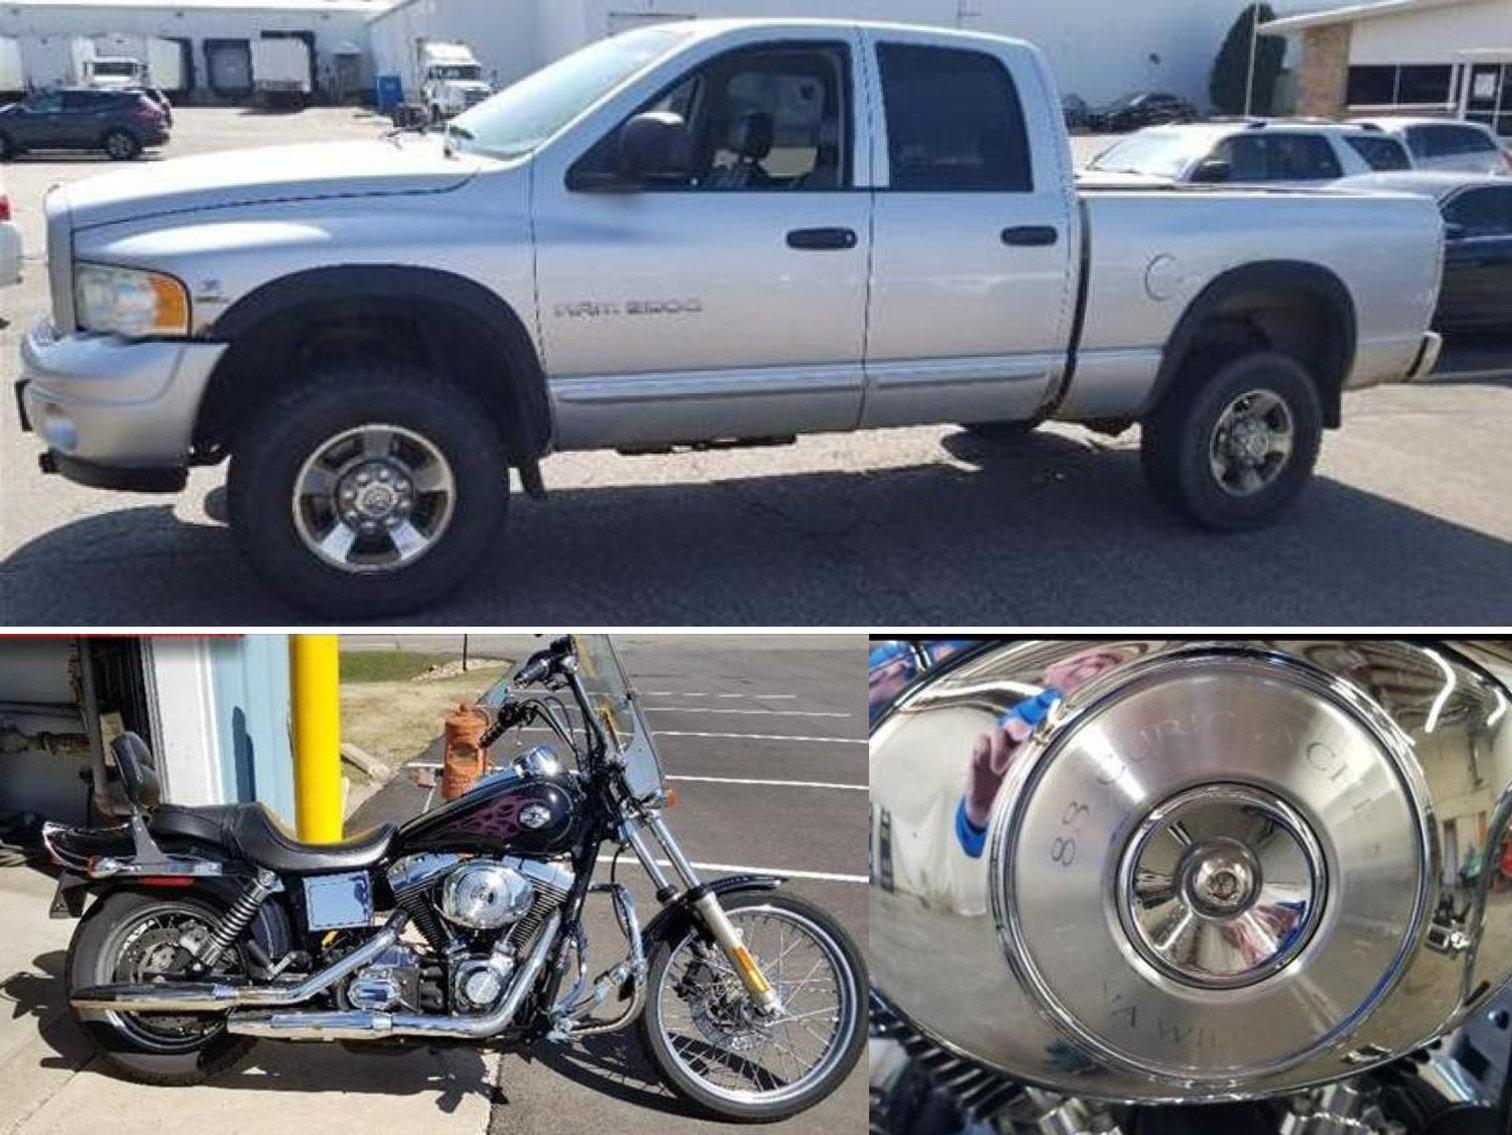 2004 Dodge Ram 2500 Quad Cab & 2005 Harley Davidson Wide Glide